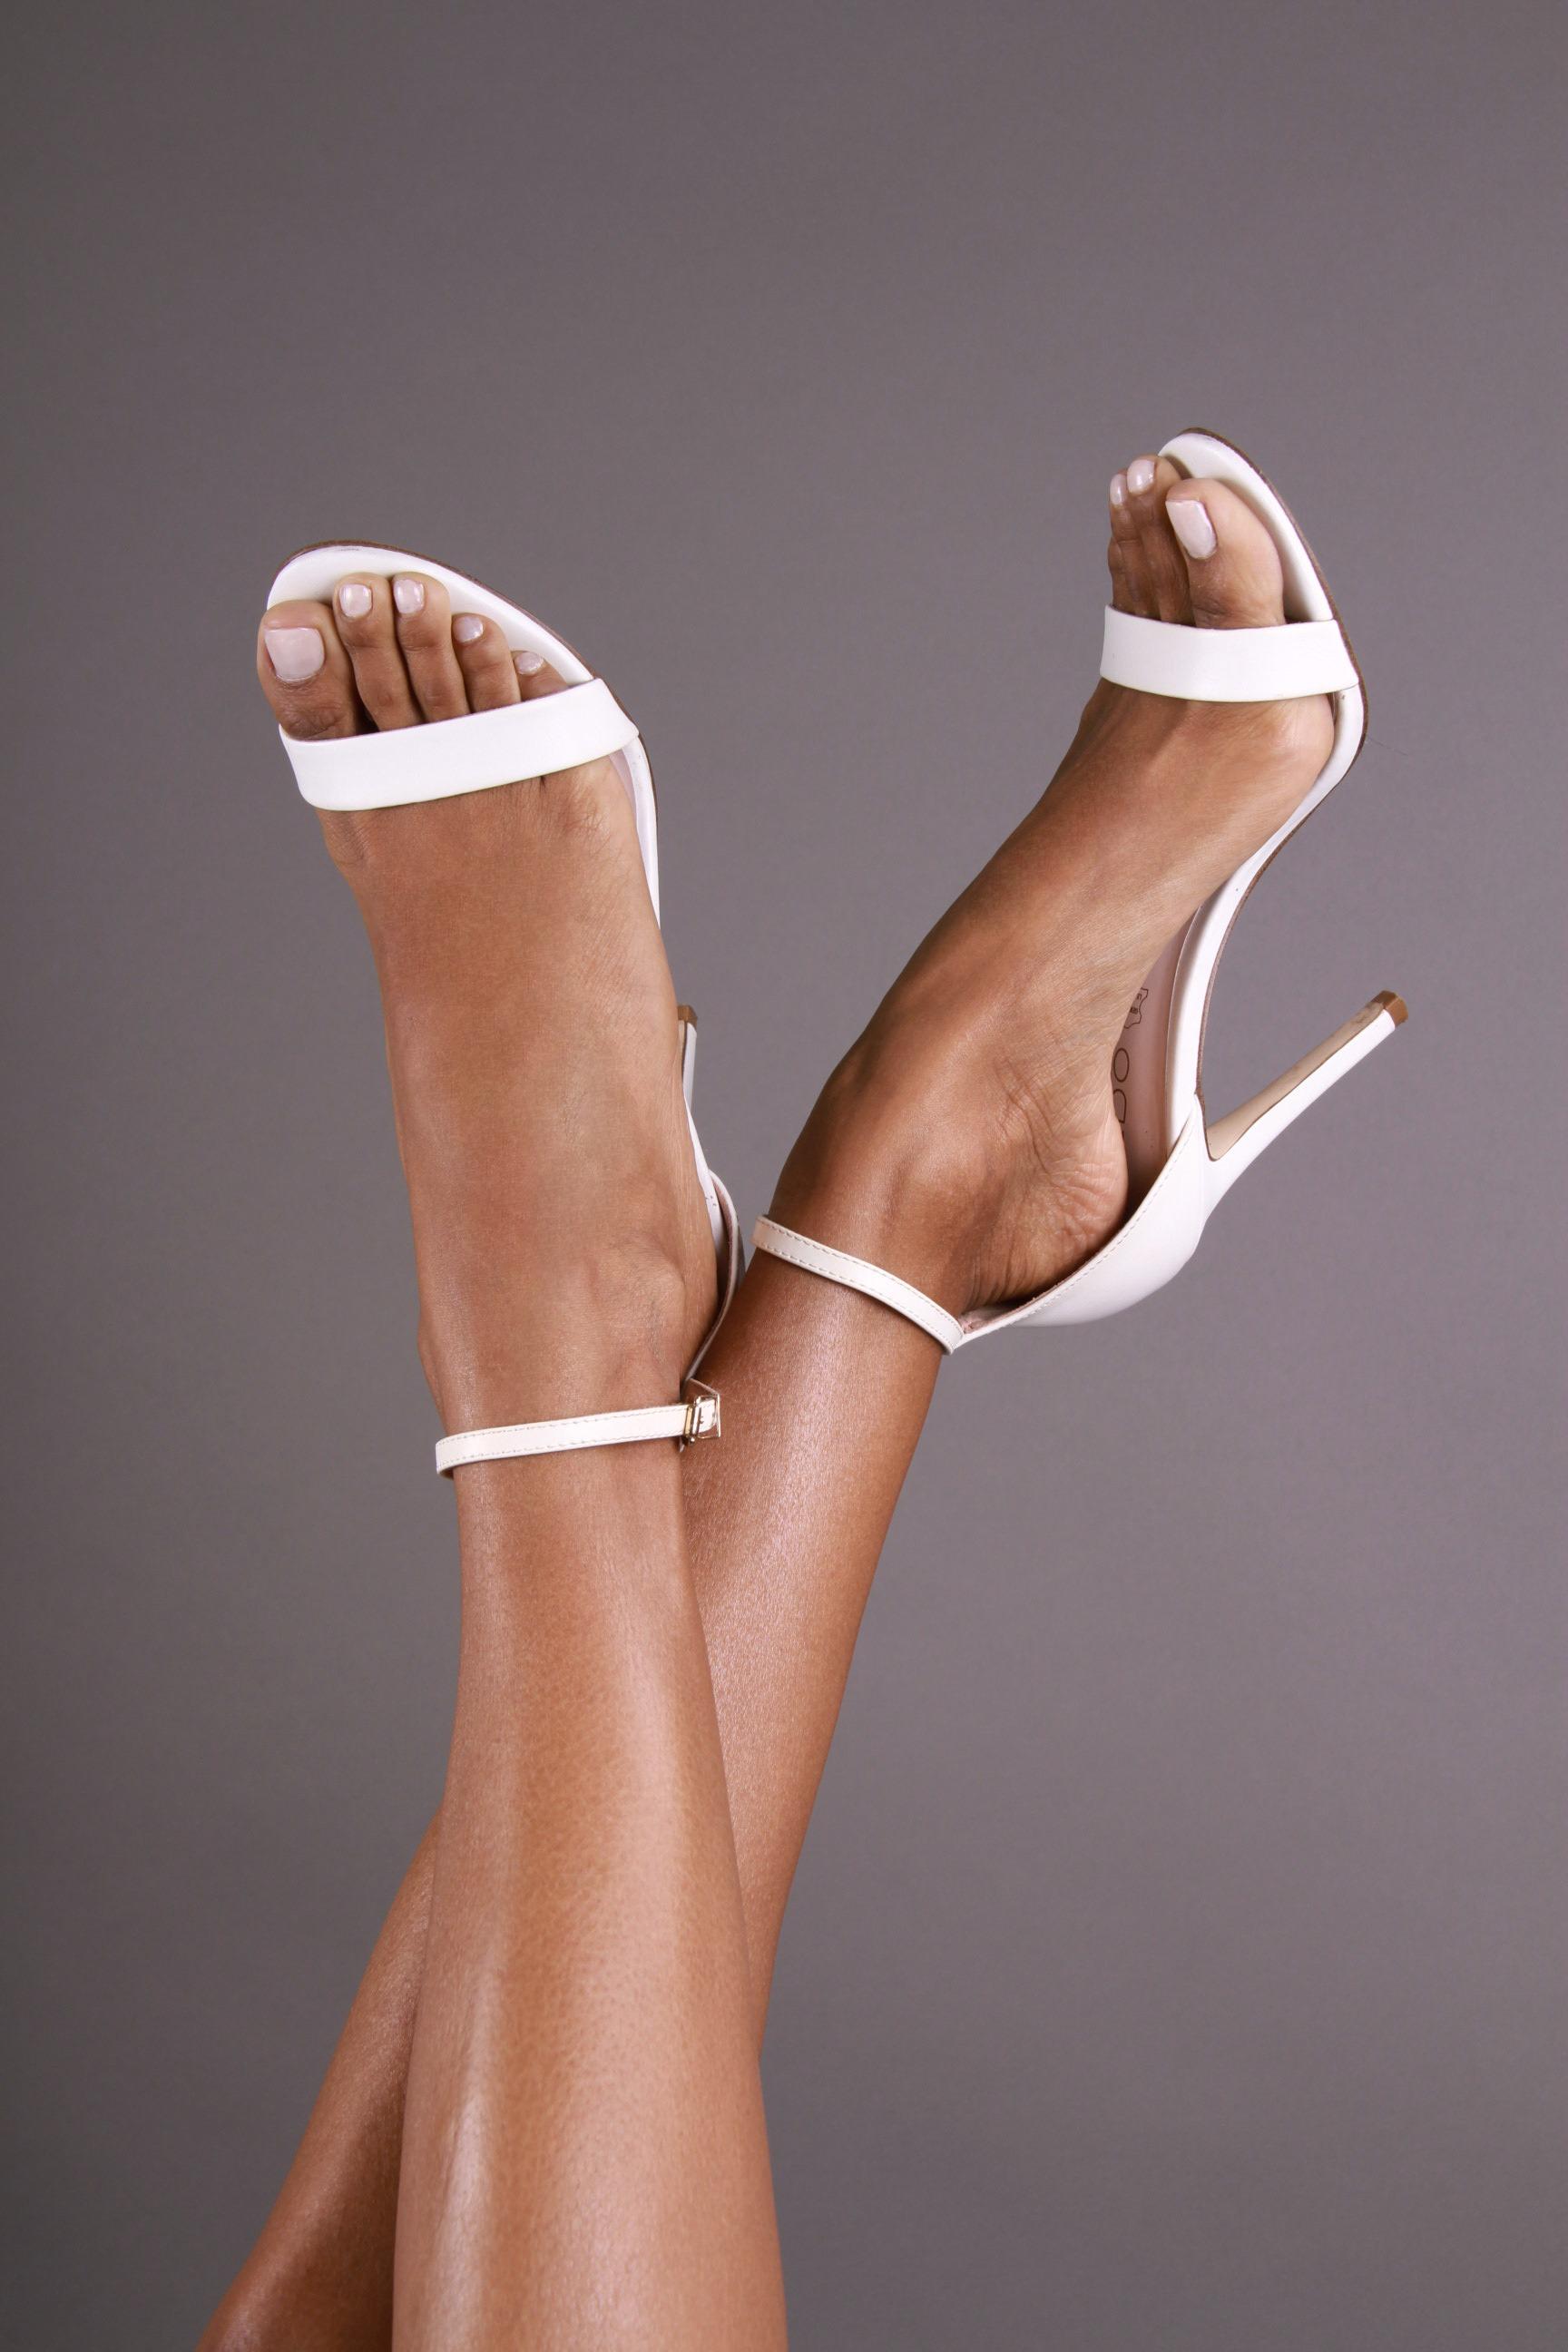 Elizabeth Grullon_Feet2